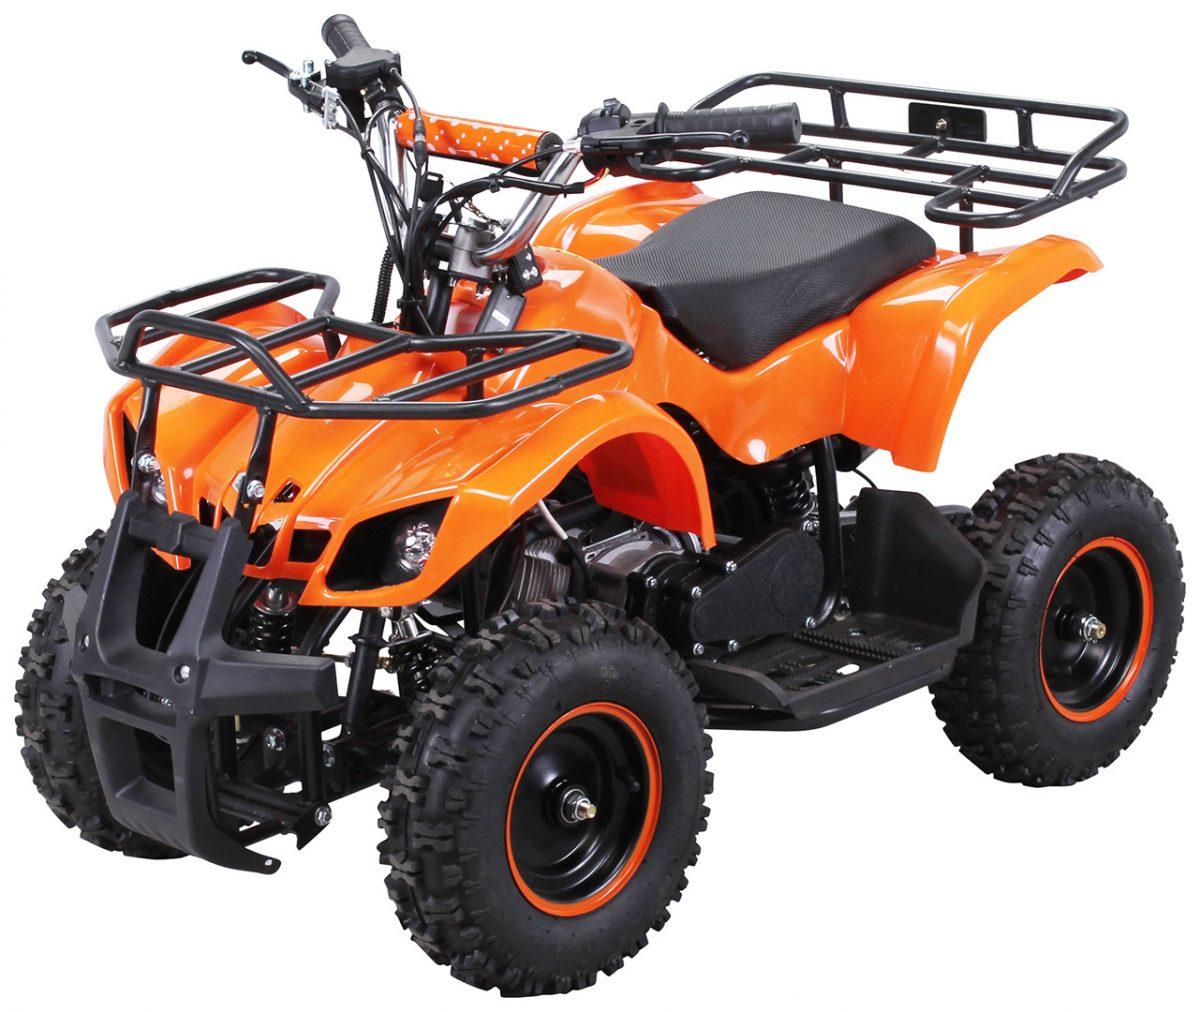 Kinder Miniquad Torino 49cc E-Start ATV